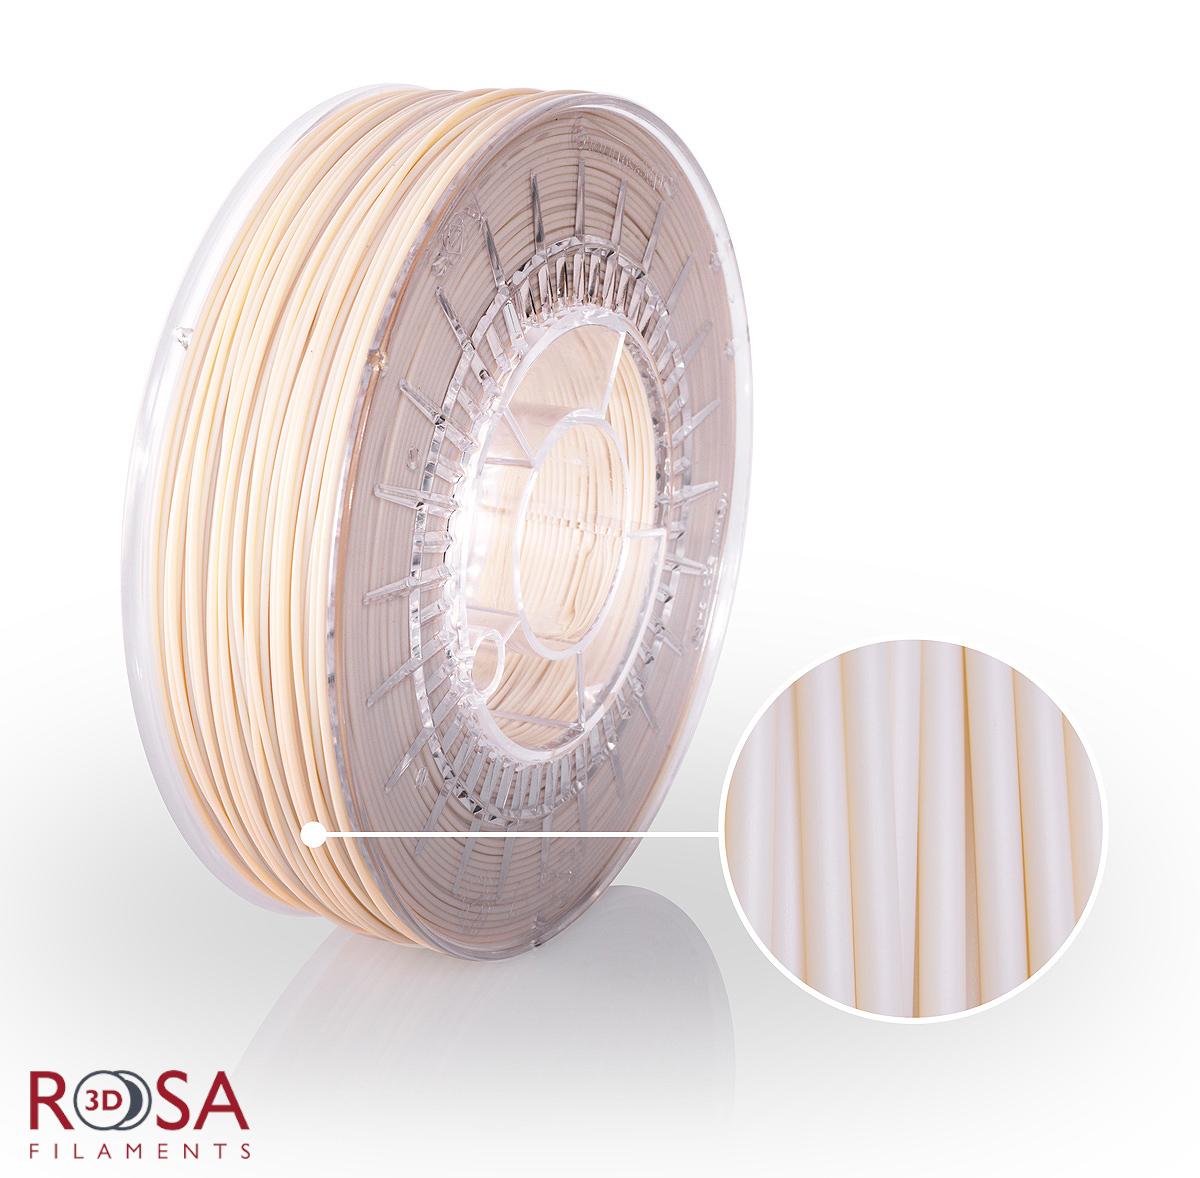 ASA 0,7kg natural ROSA3D